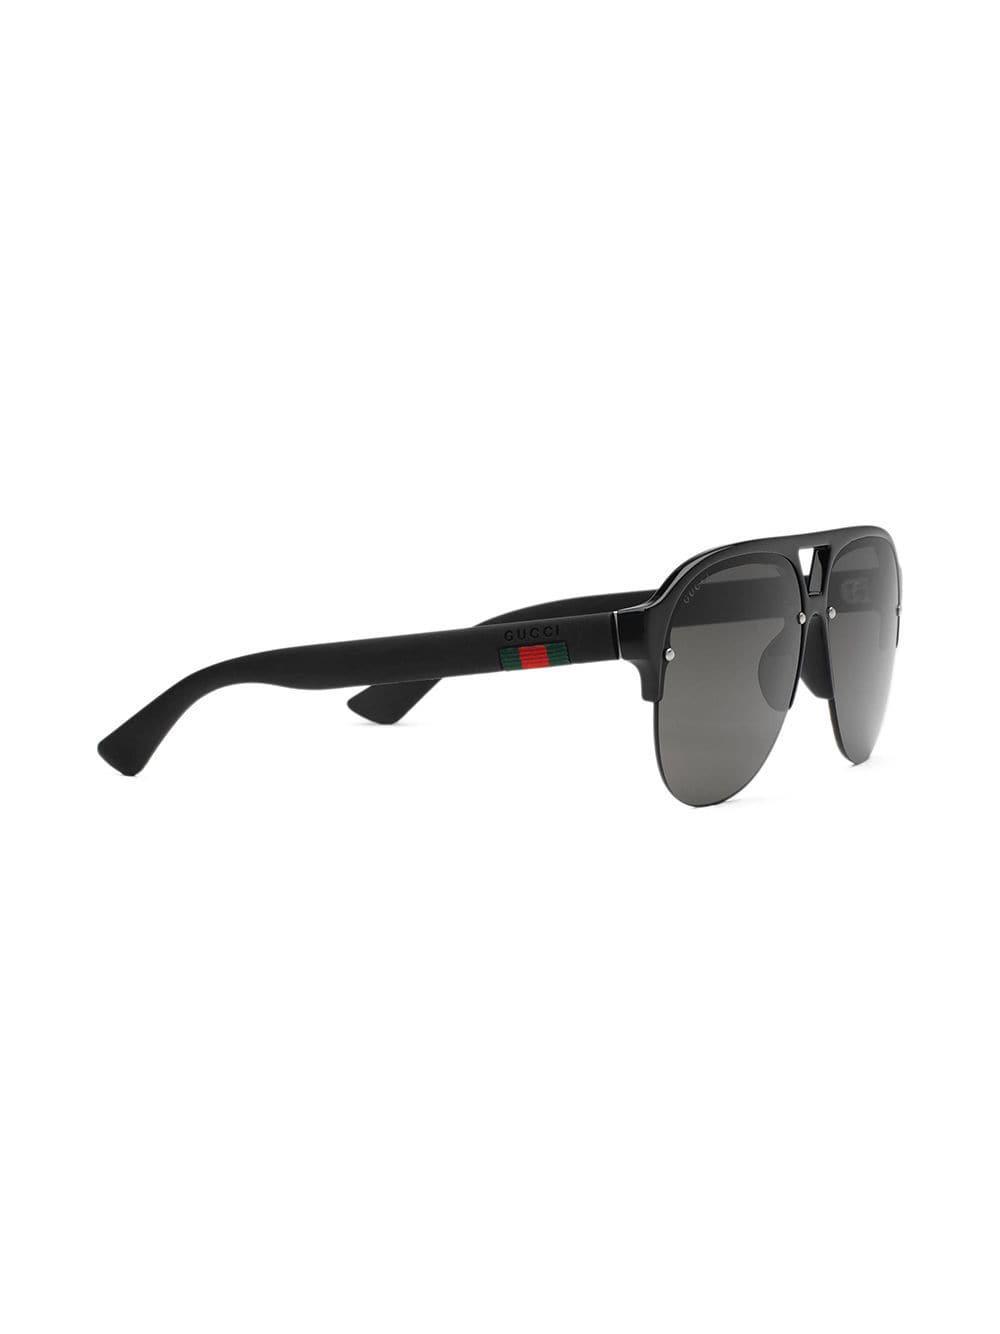 Lyst - Lunettes de soleil aviateur en caoutchouc Gucci pour homme en ... 414a4efdfbc2